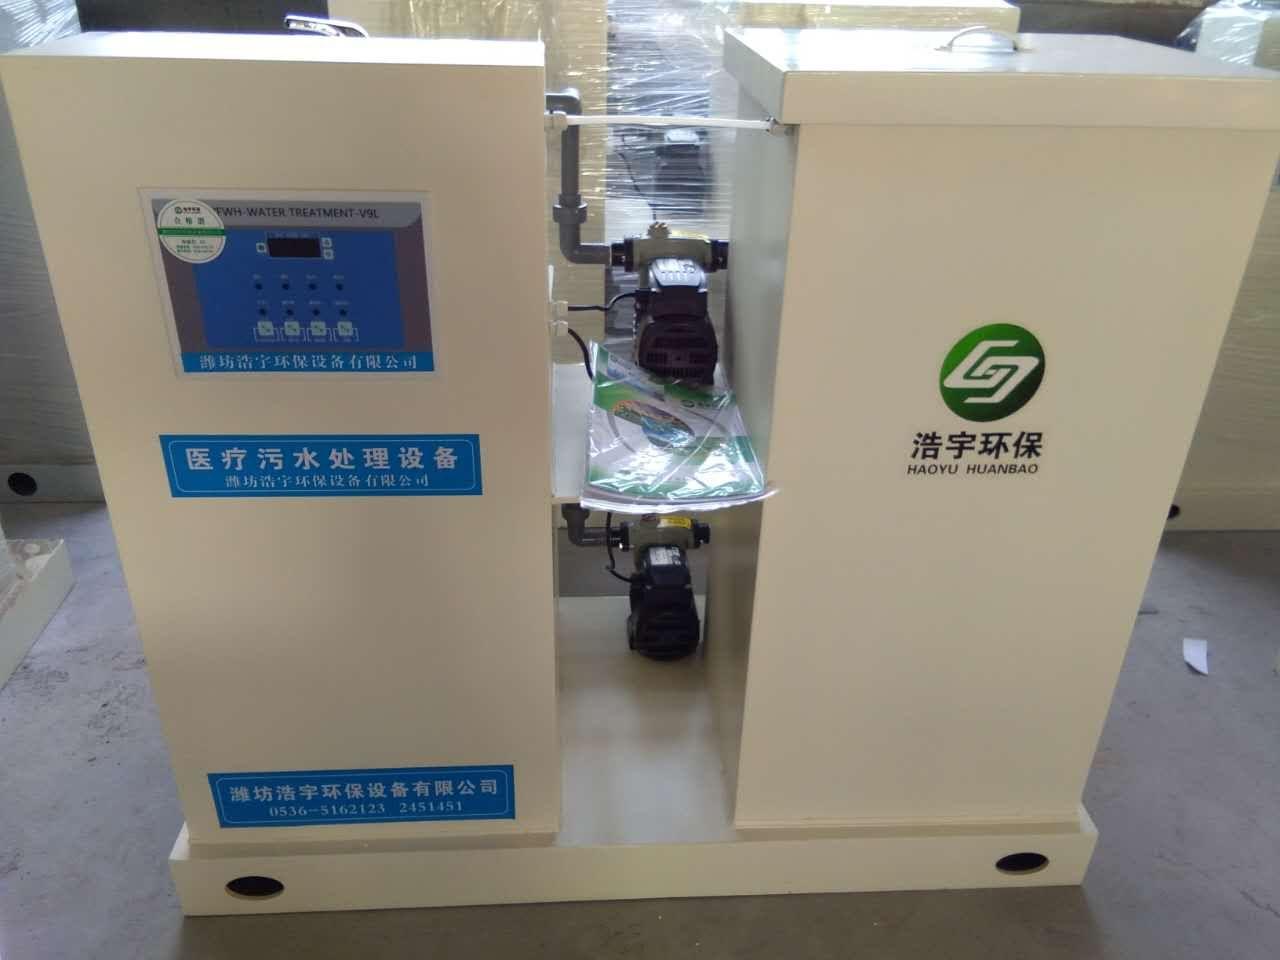 体检化验污水处理设备 <br> 全新  价格:18000 <br> <img src=http://k.kqzp.cn/img/up/img/5f9bbd7d114b7.jpg width=150 >